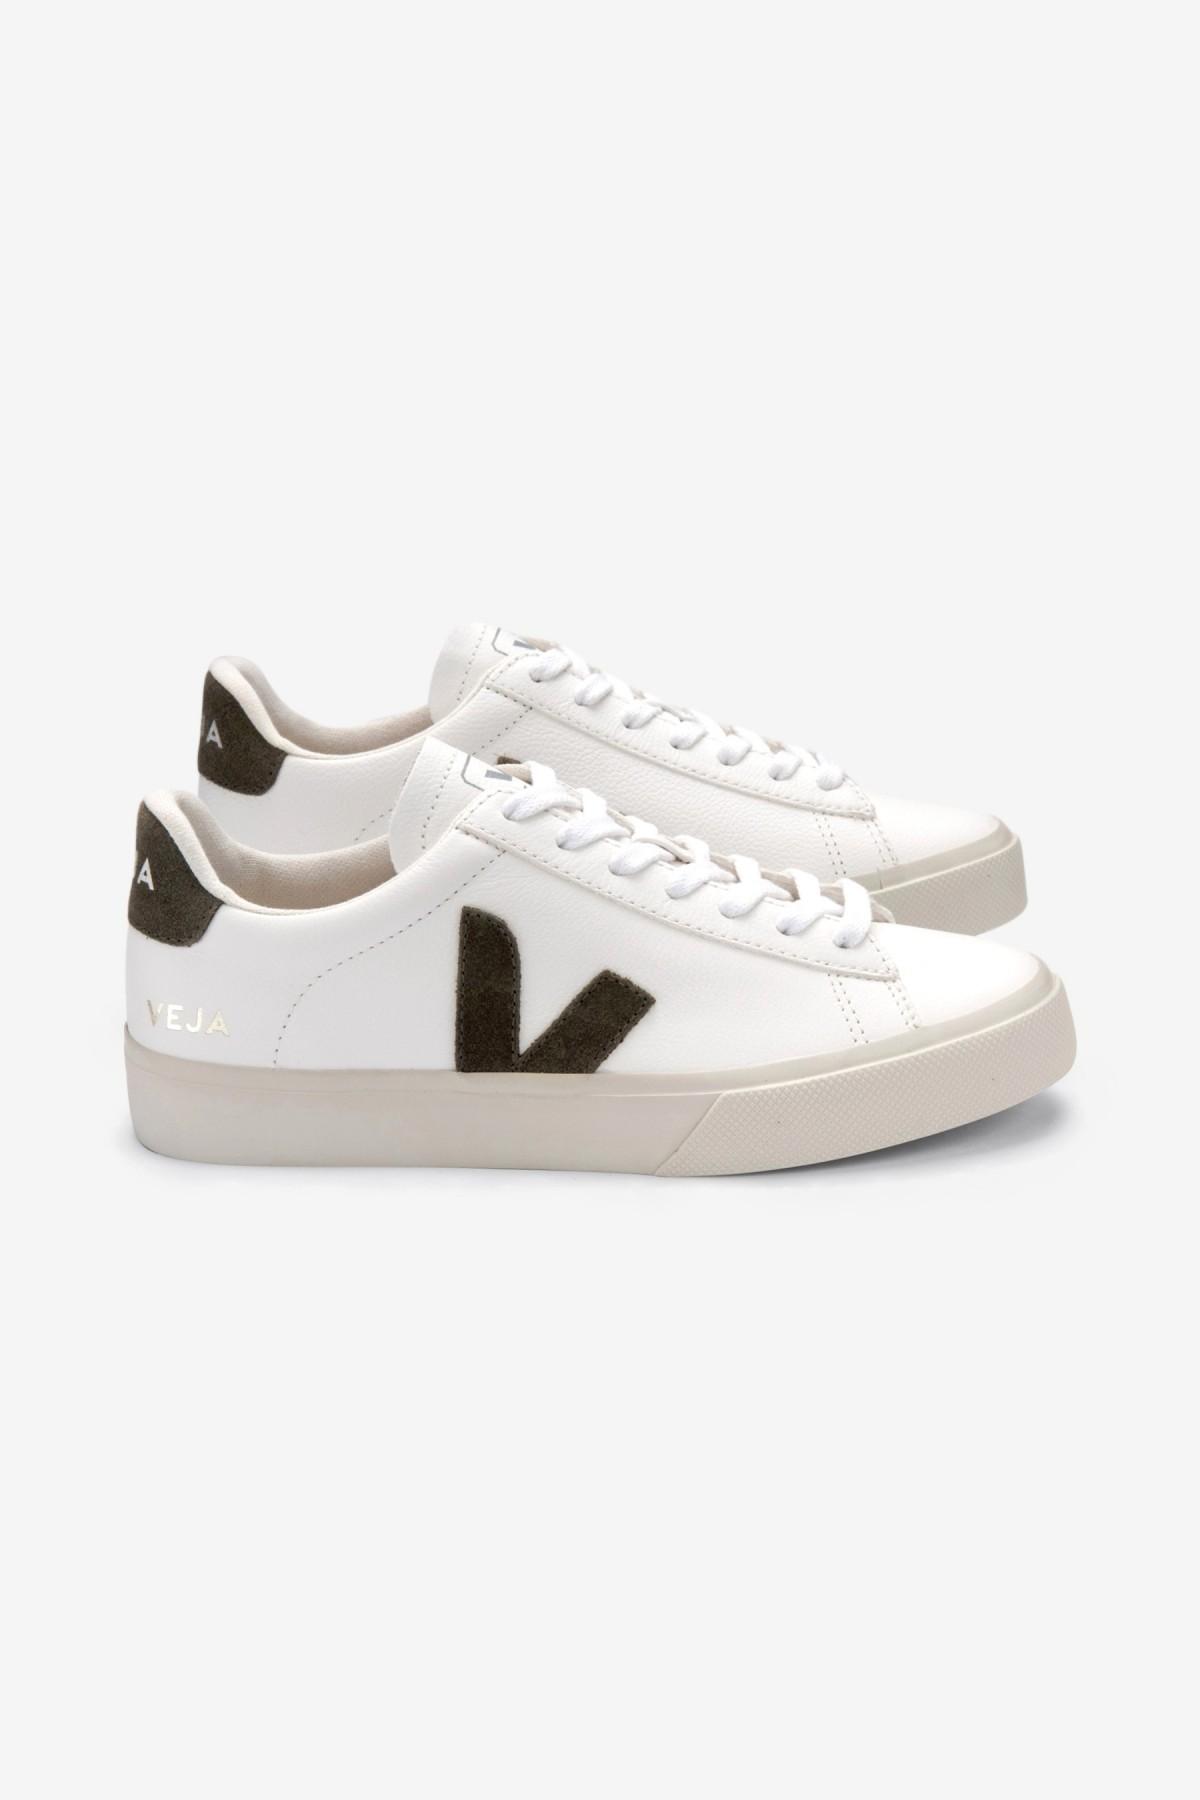 Veja Campo Chromefree Leather in Extra White Kaki